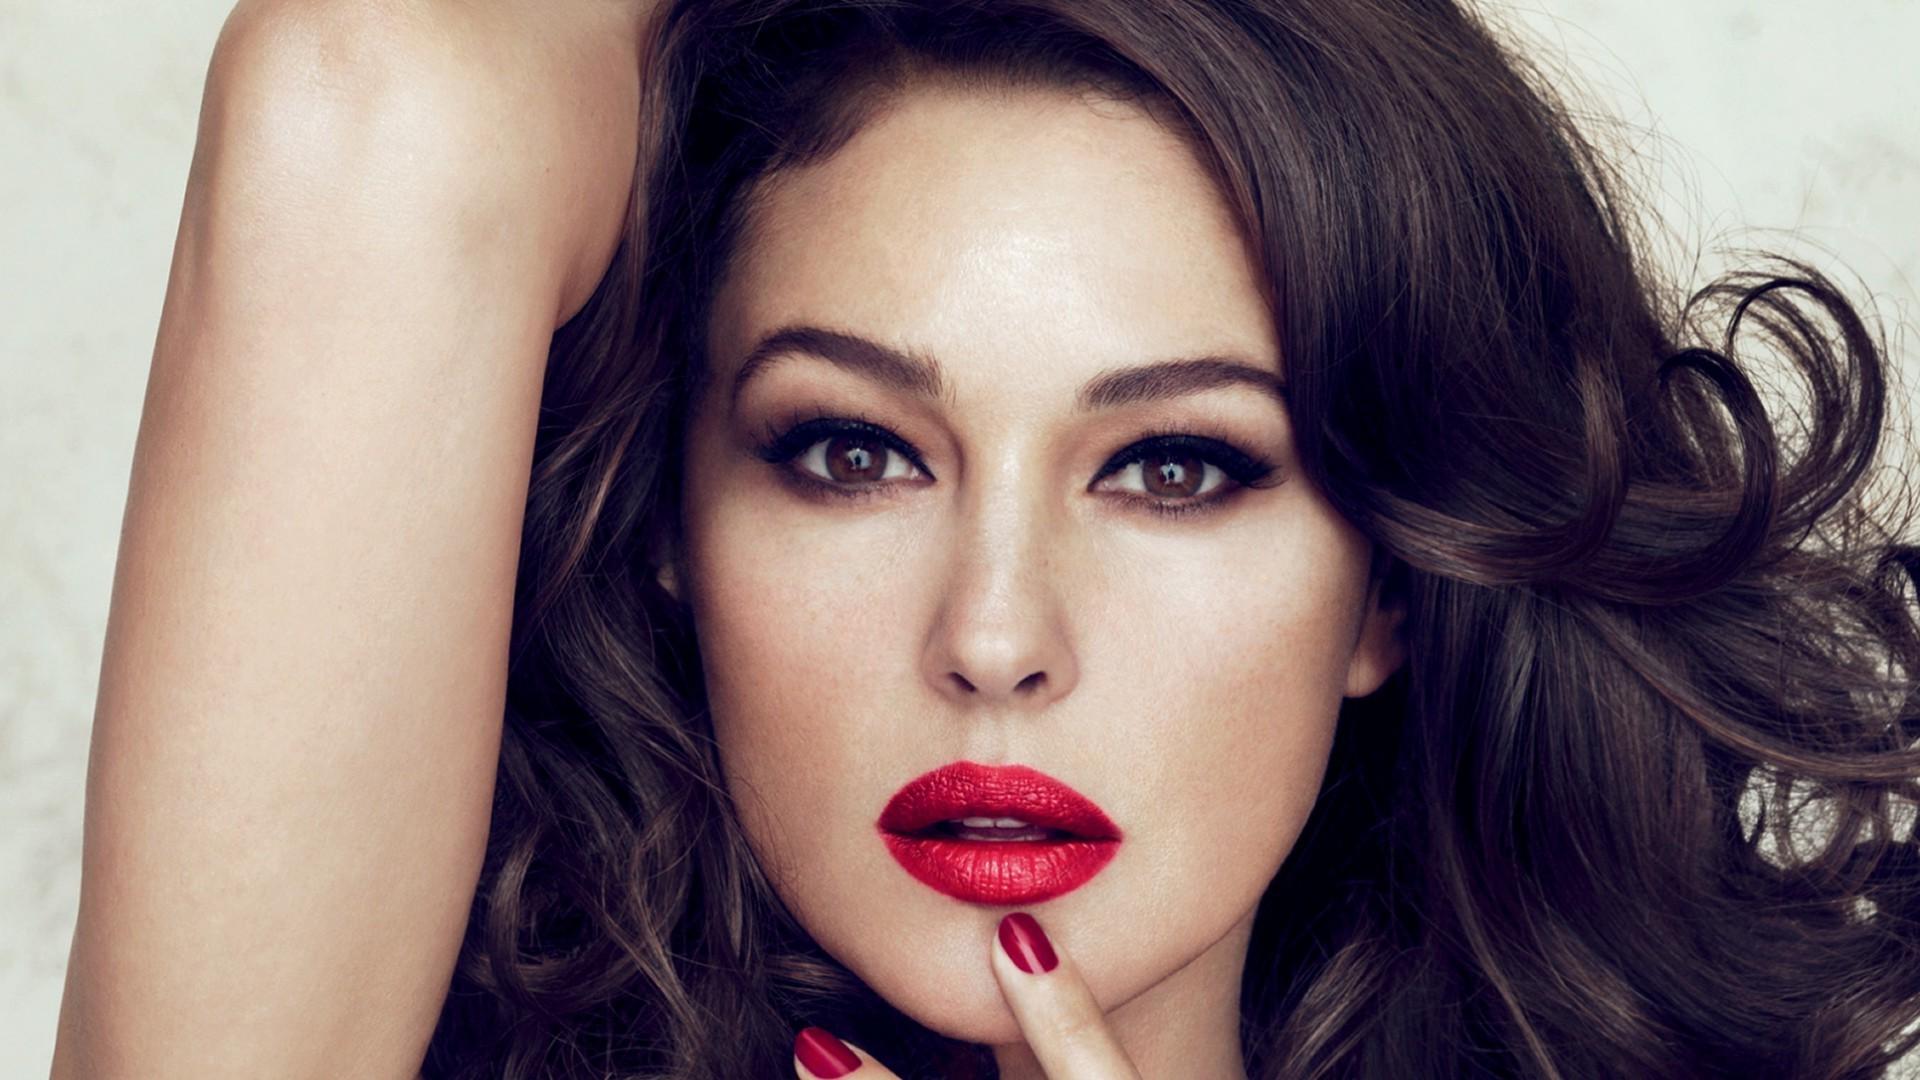 صورة جميلات العالم , اجمل نساء العالم 5812 3